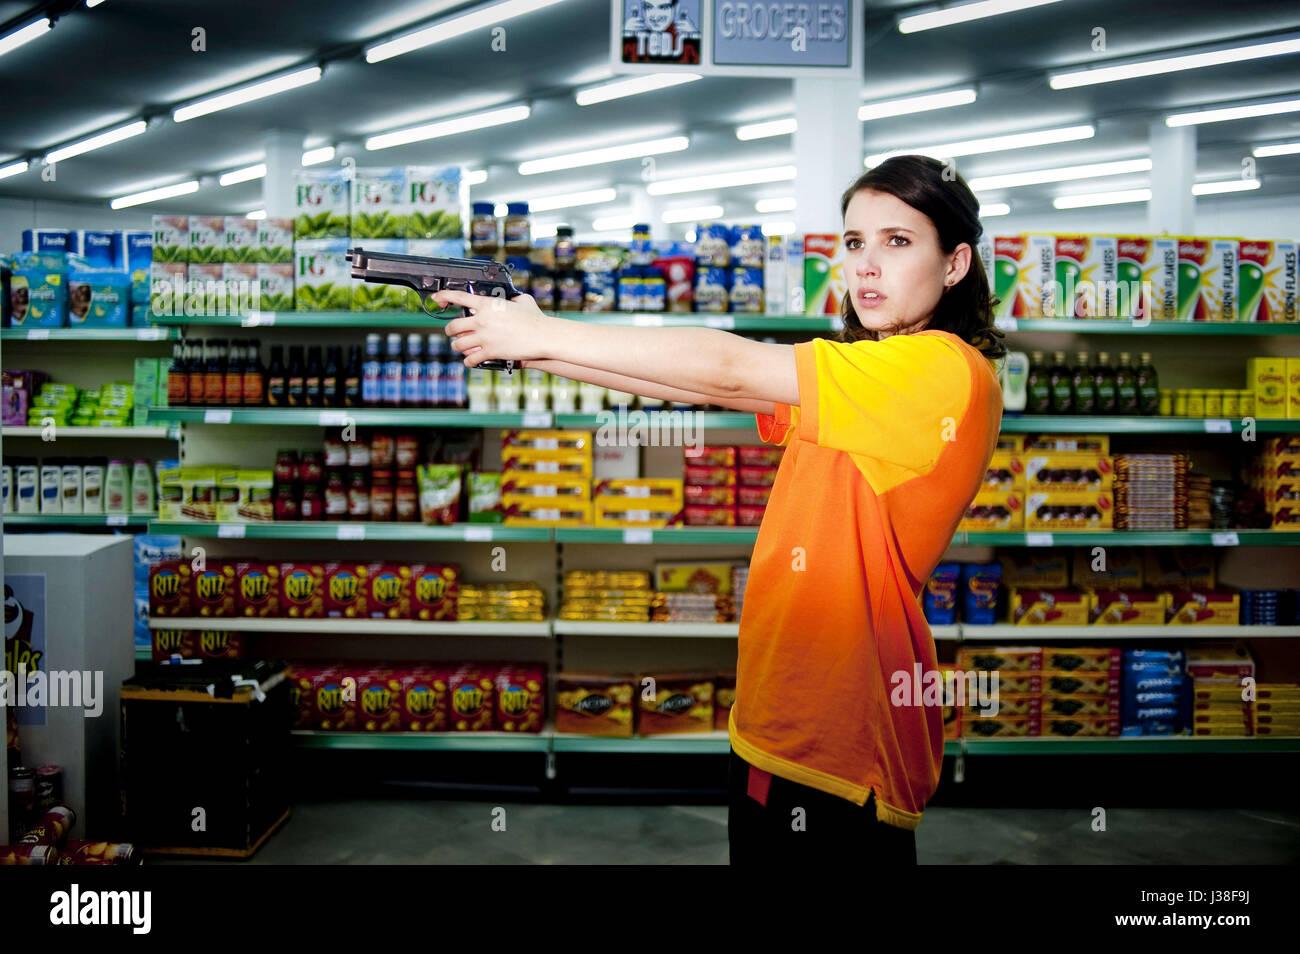 4321 (2010)  EMMA ROBERTS  NOEL CLARKE (DIR)  UNIVERSAL PICTURES/MOVIESTORE COLLECTION LTD - Stock Image